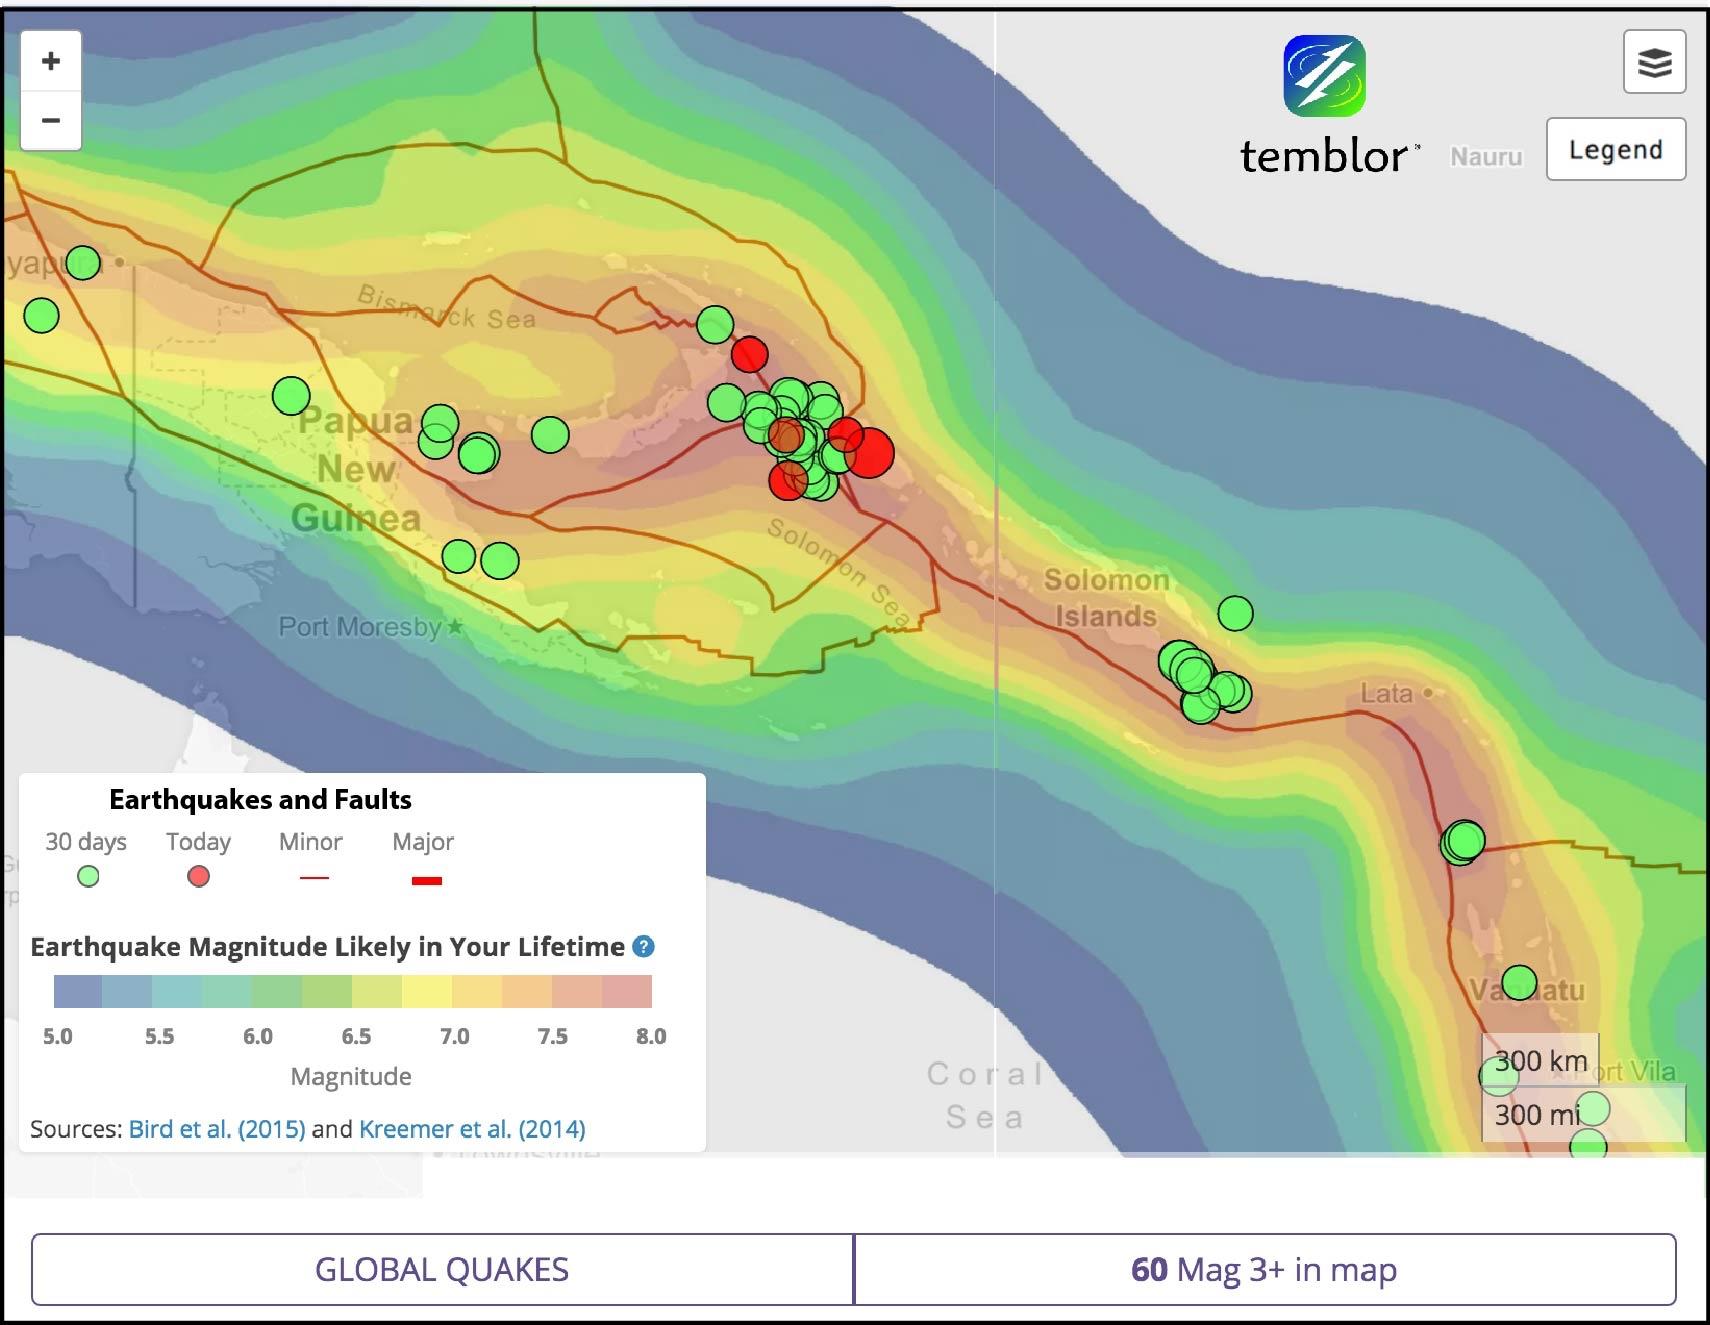 papua-new-guinea-earthquake-map-temblor